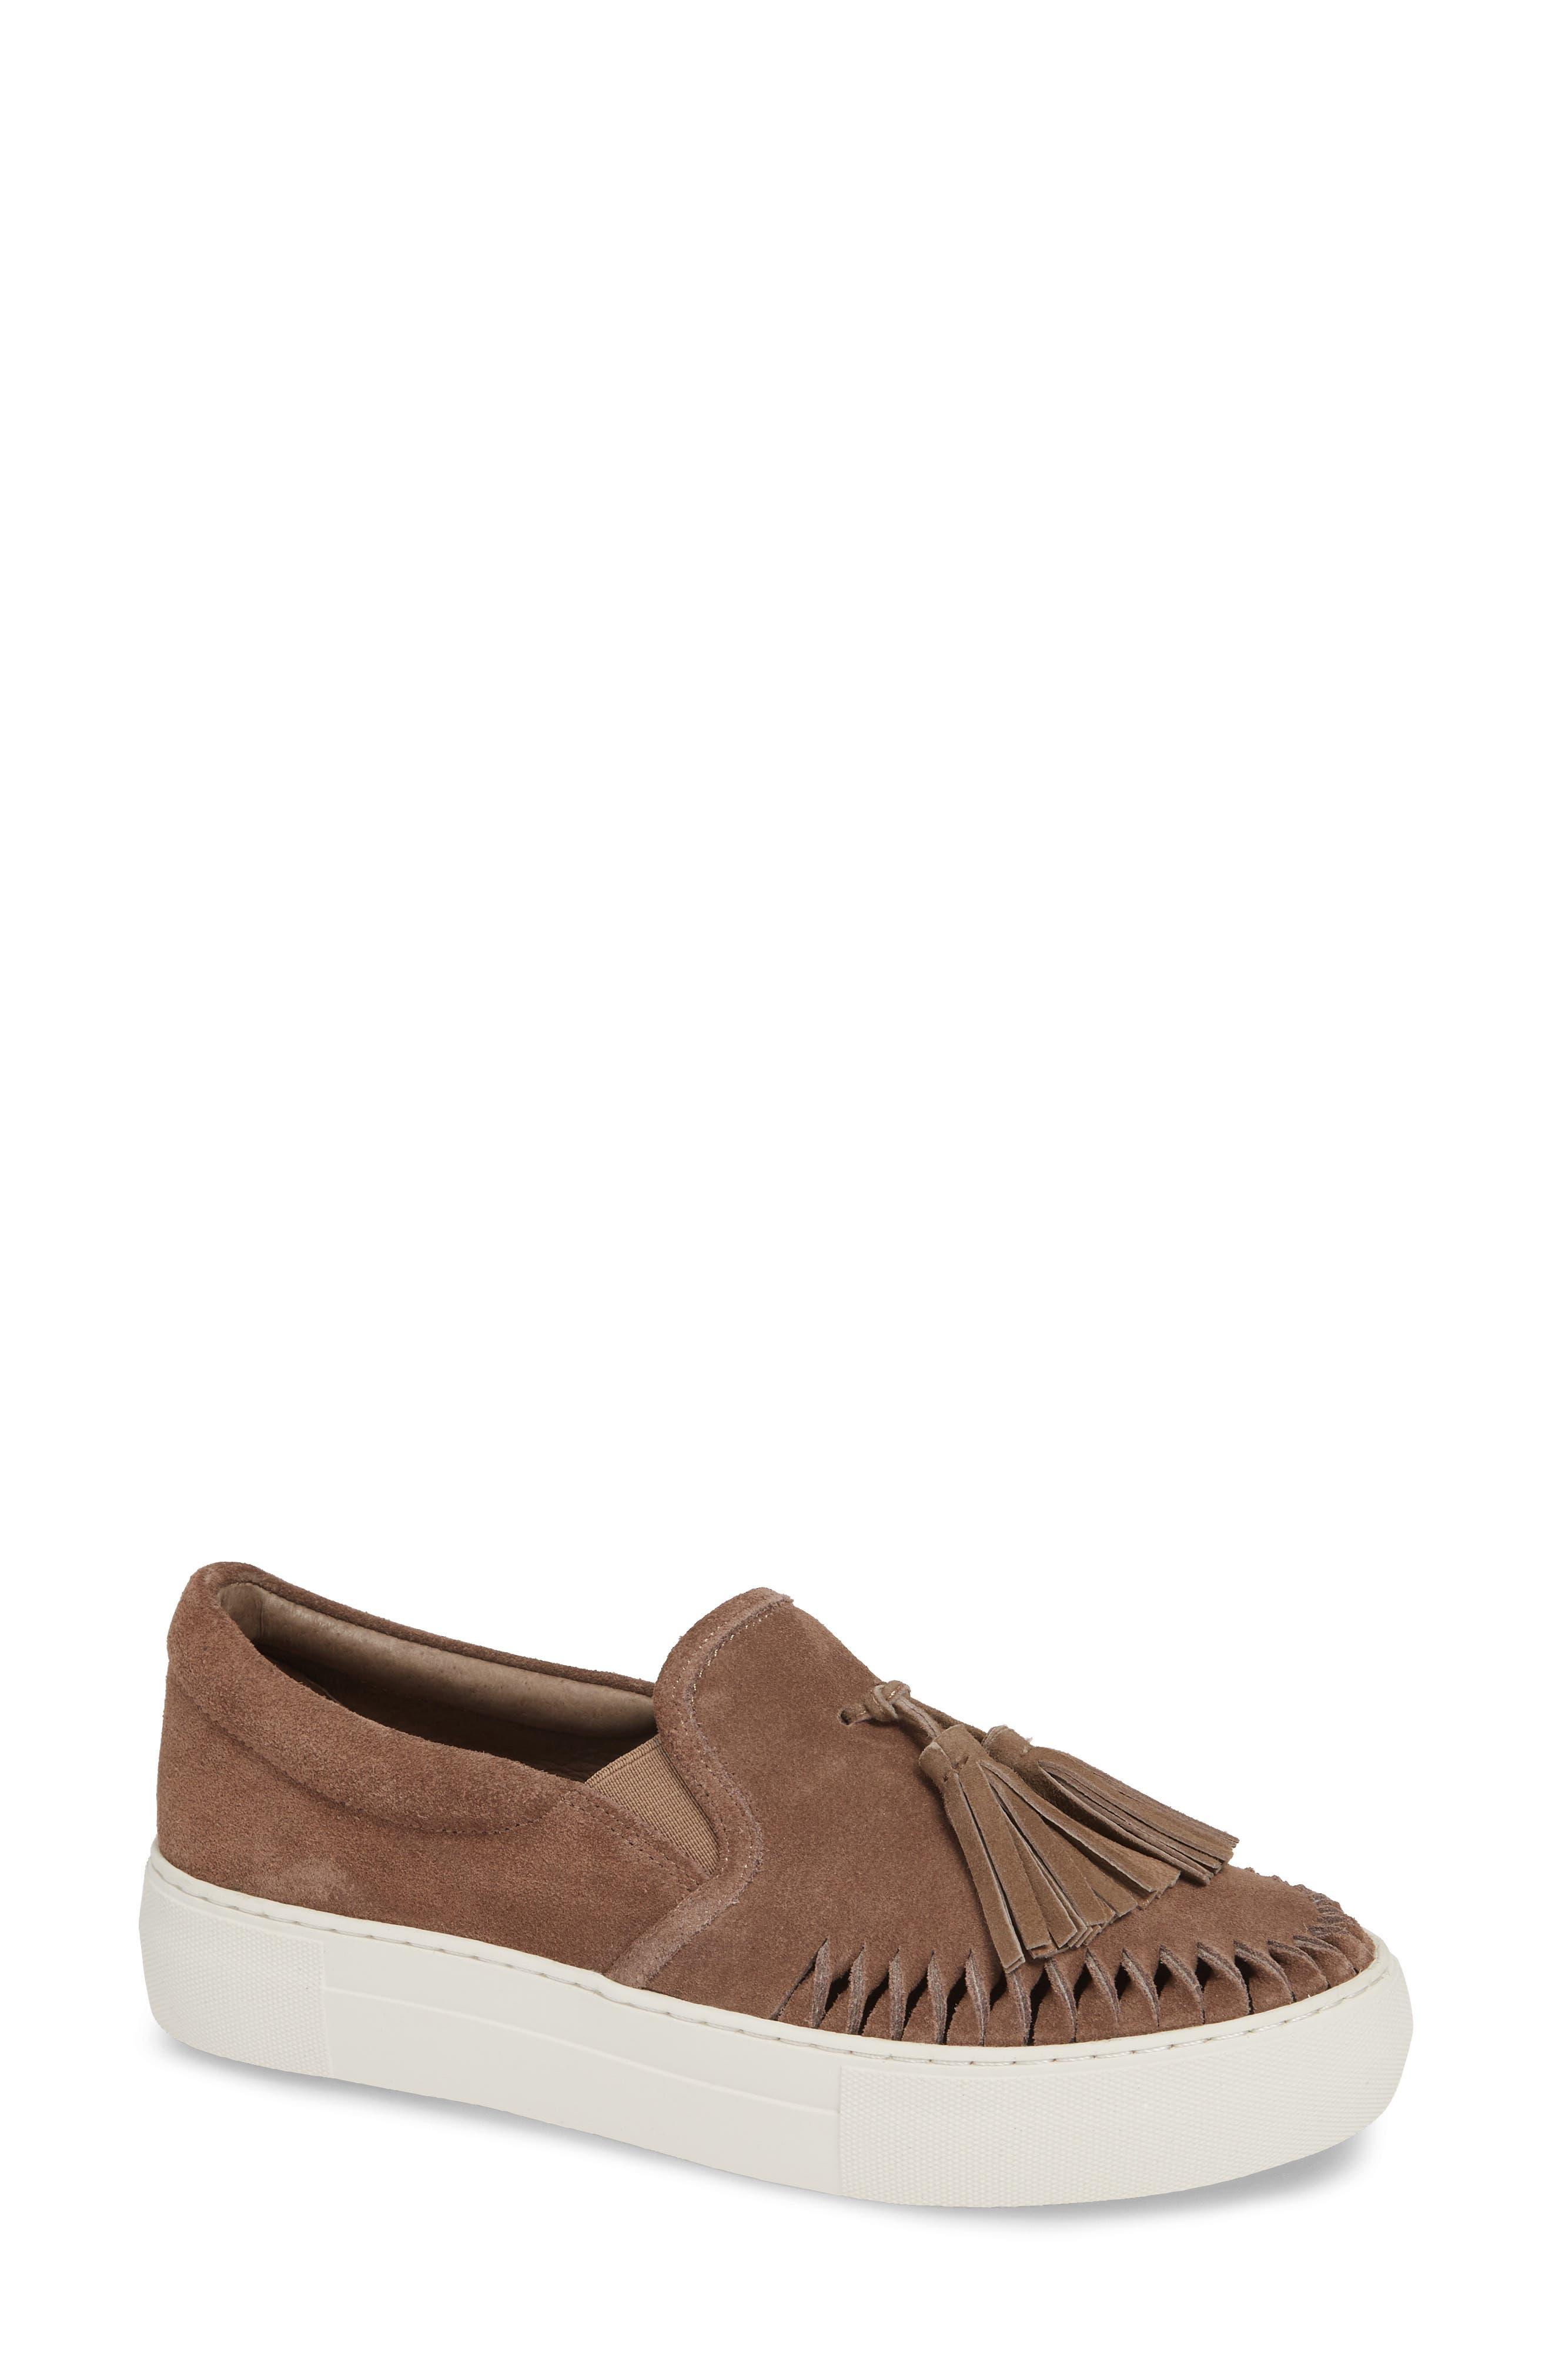 Tassel Slip-On Sneaker,                             Main thumbnail 1, color,                             BEIGE